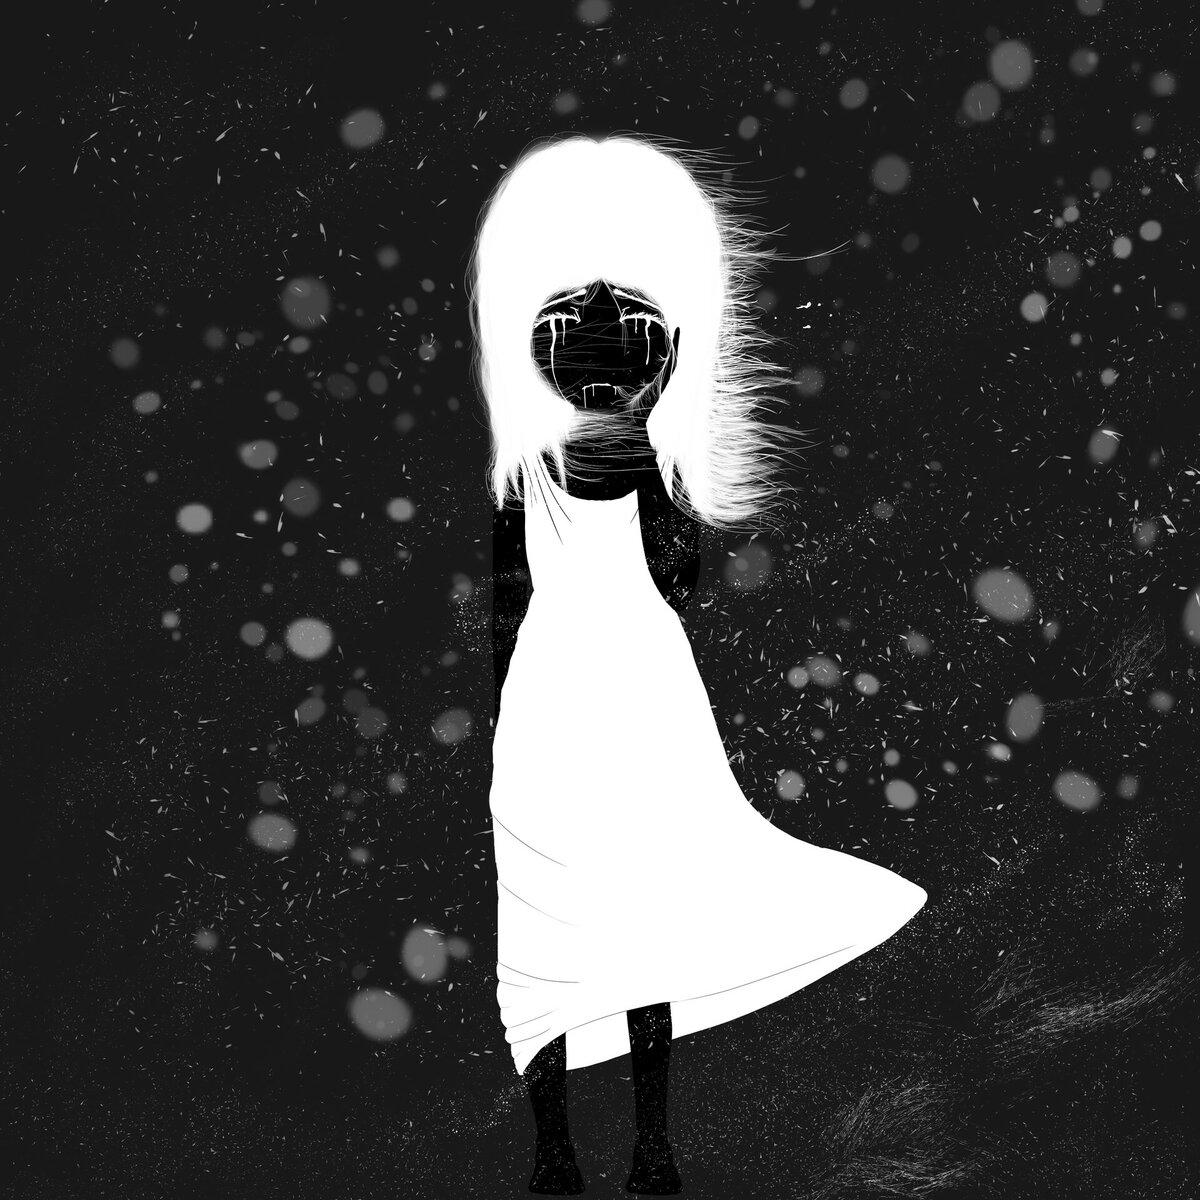 белым по черному черным по белому стихи прием подчеркивает